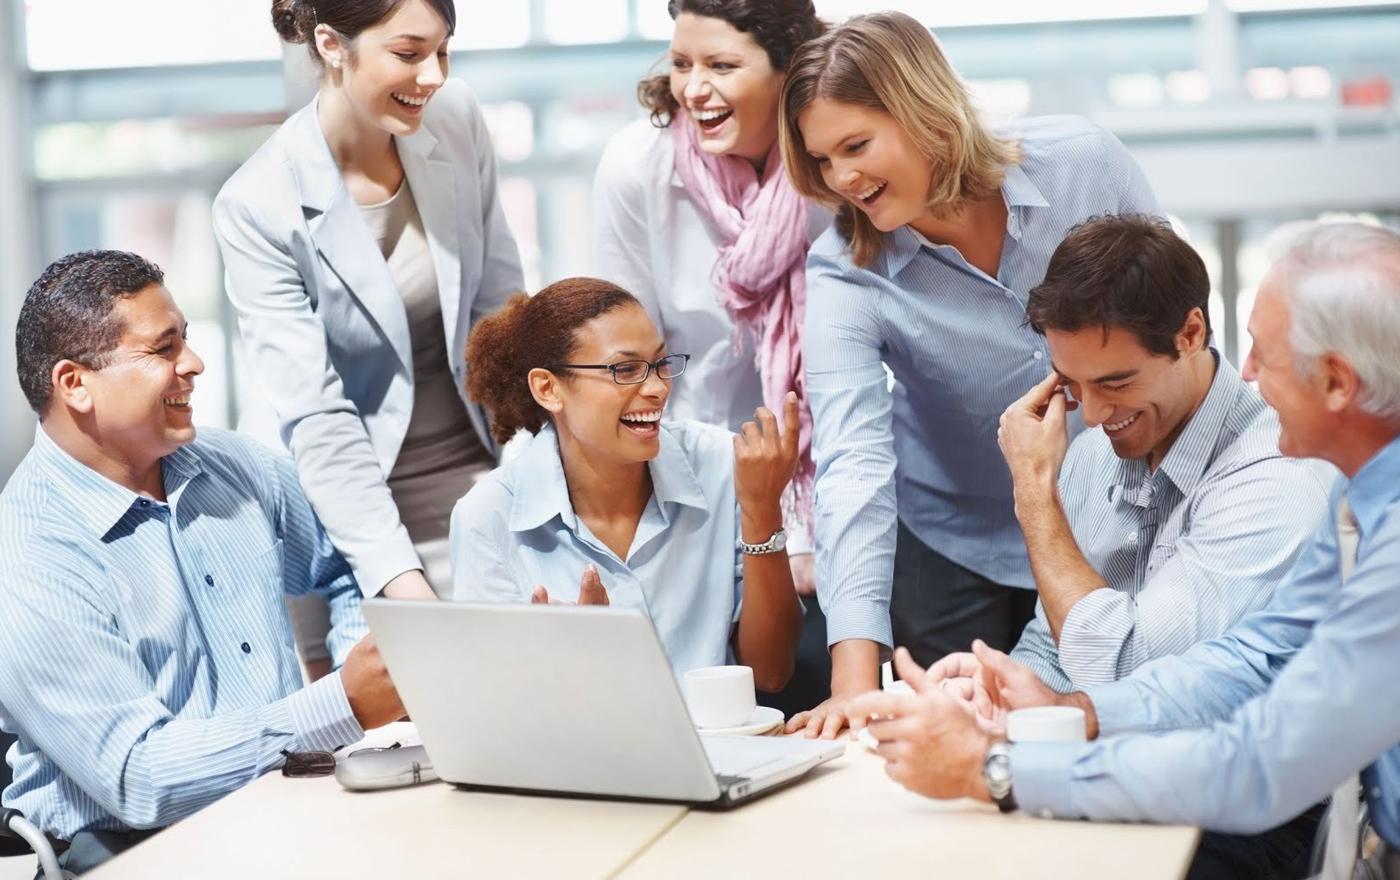 چطور محیط کار را برای کارکنان شاد و دلپذیر کنیم ؟